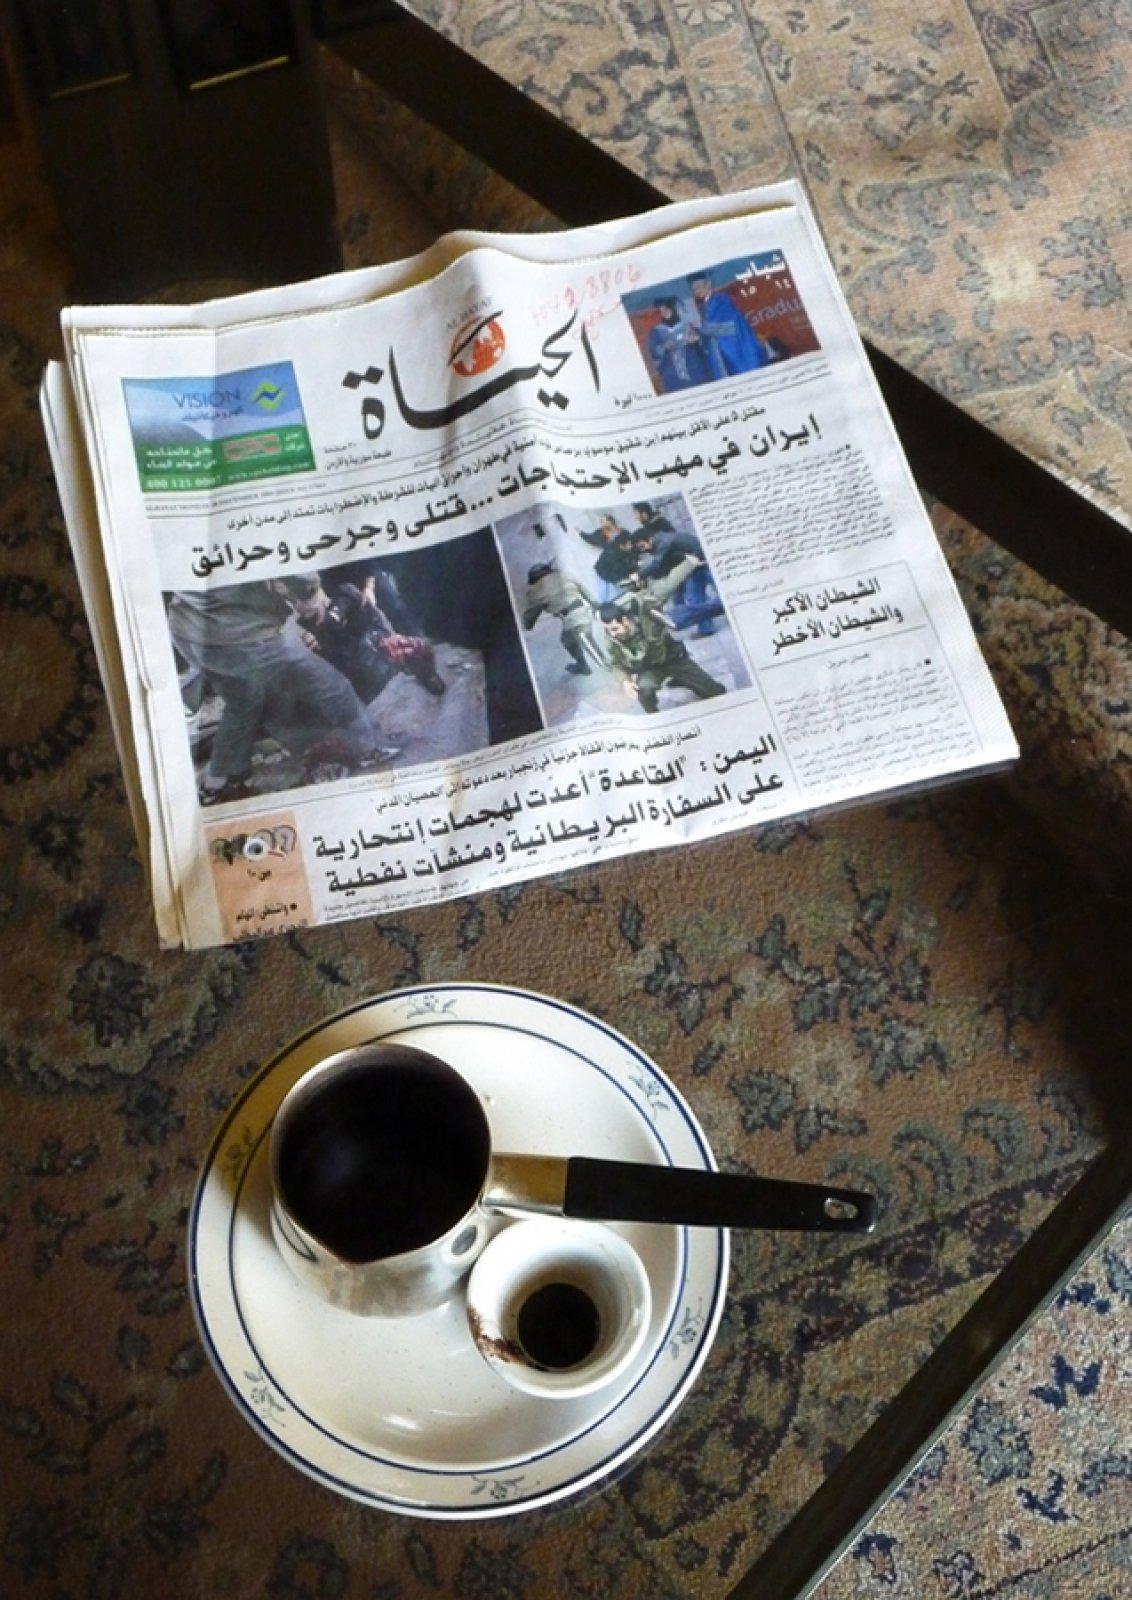 Morning News, December 29, 2009 © Vera Schöpe